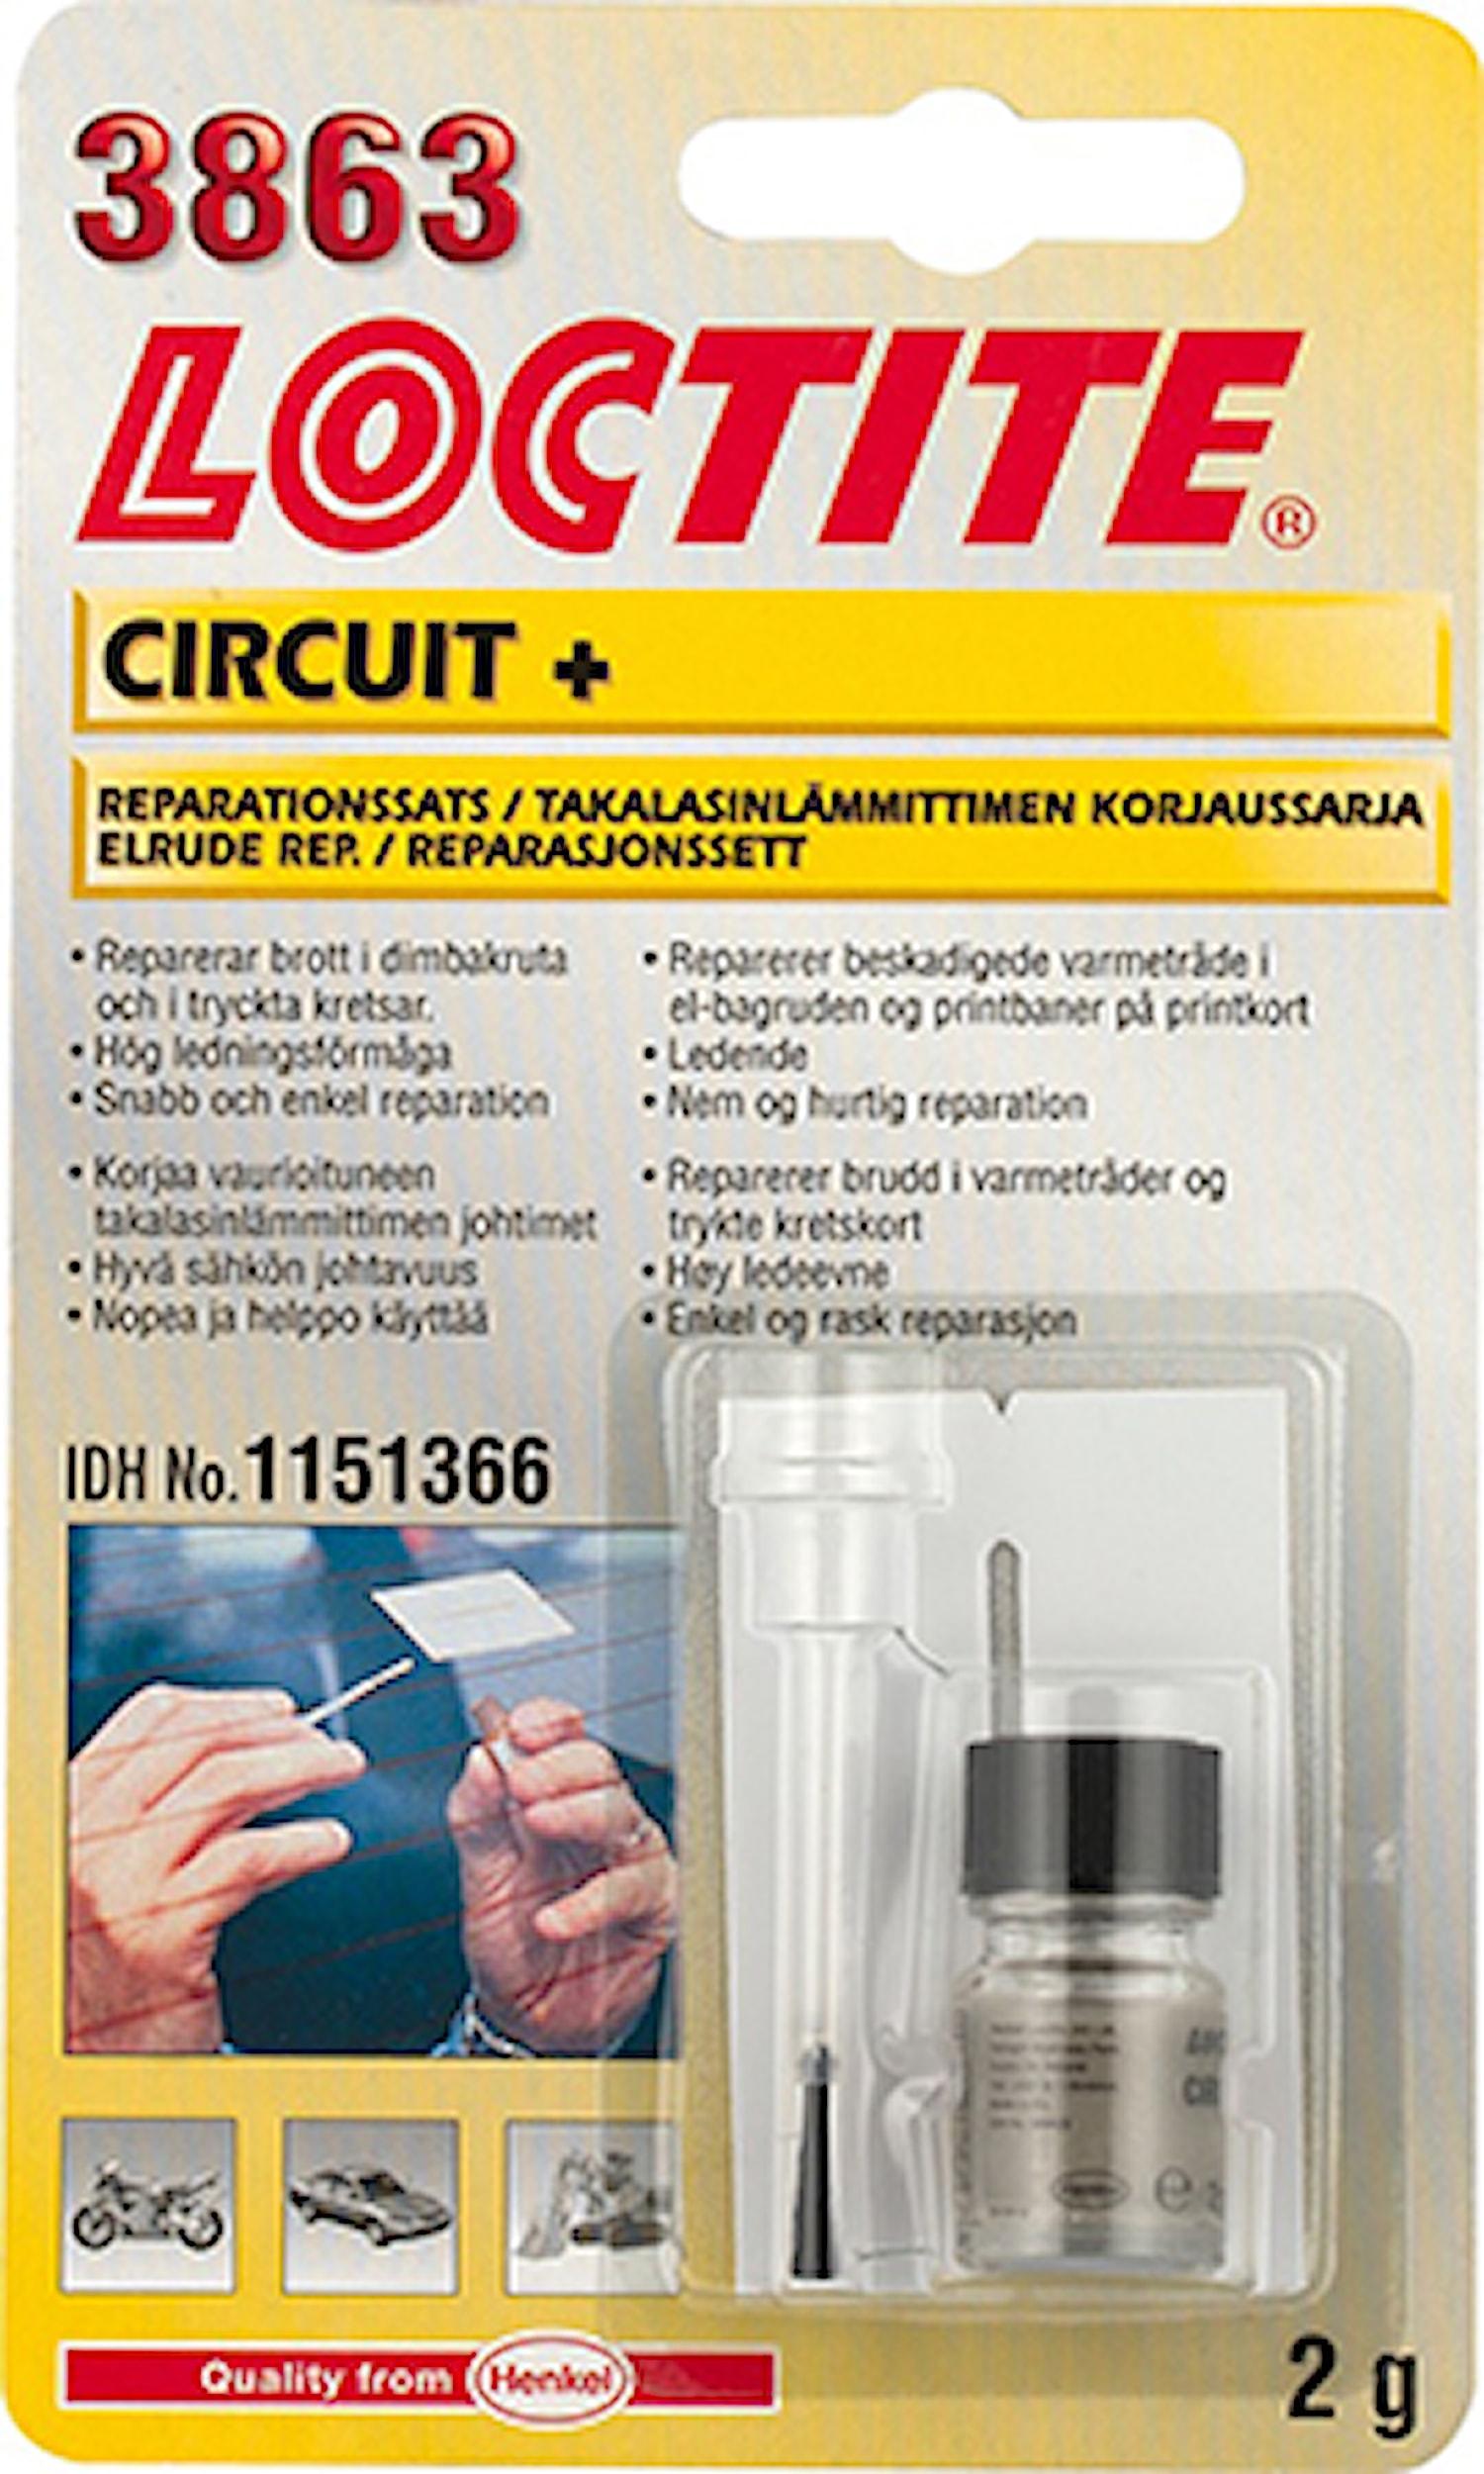 Loctite 3863 Circuit +